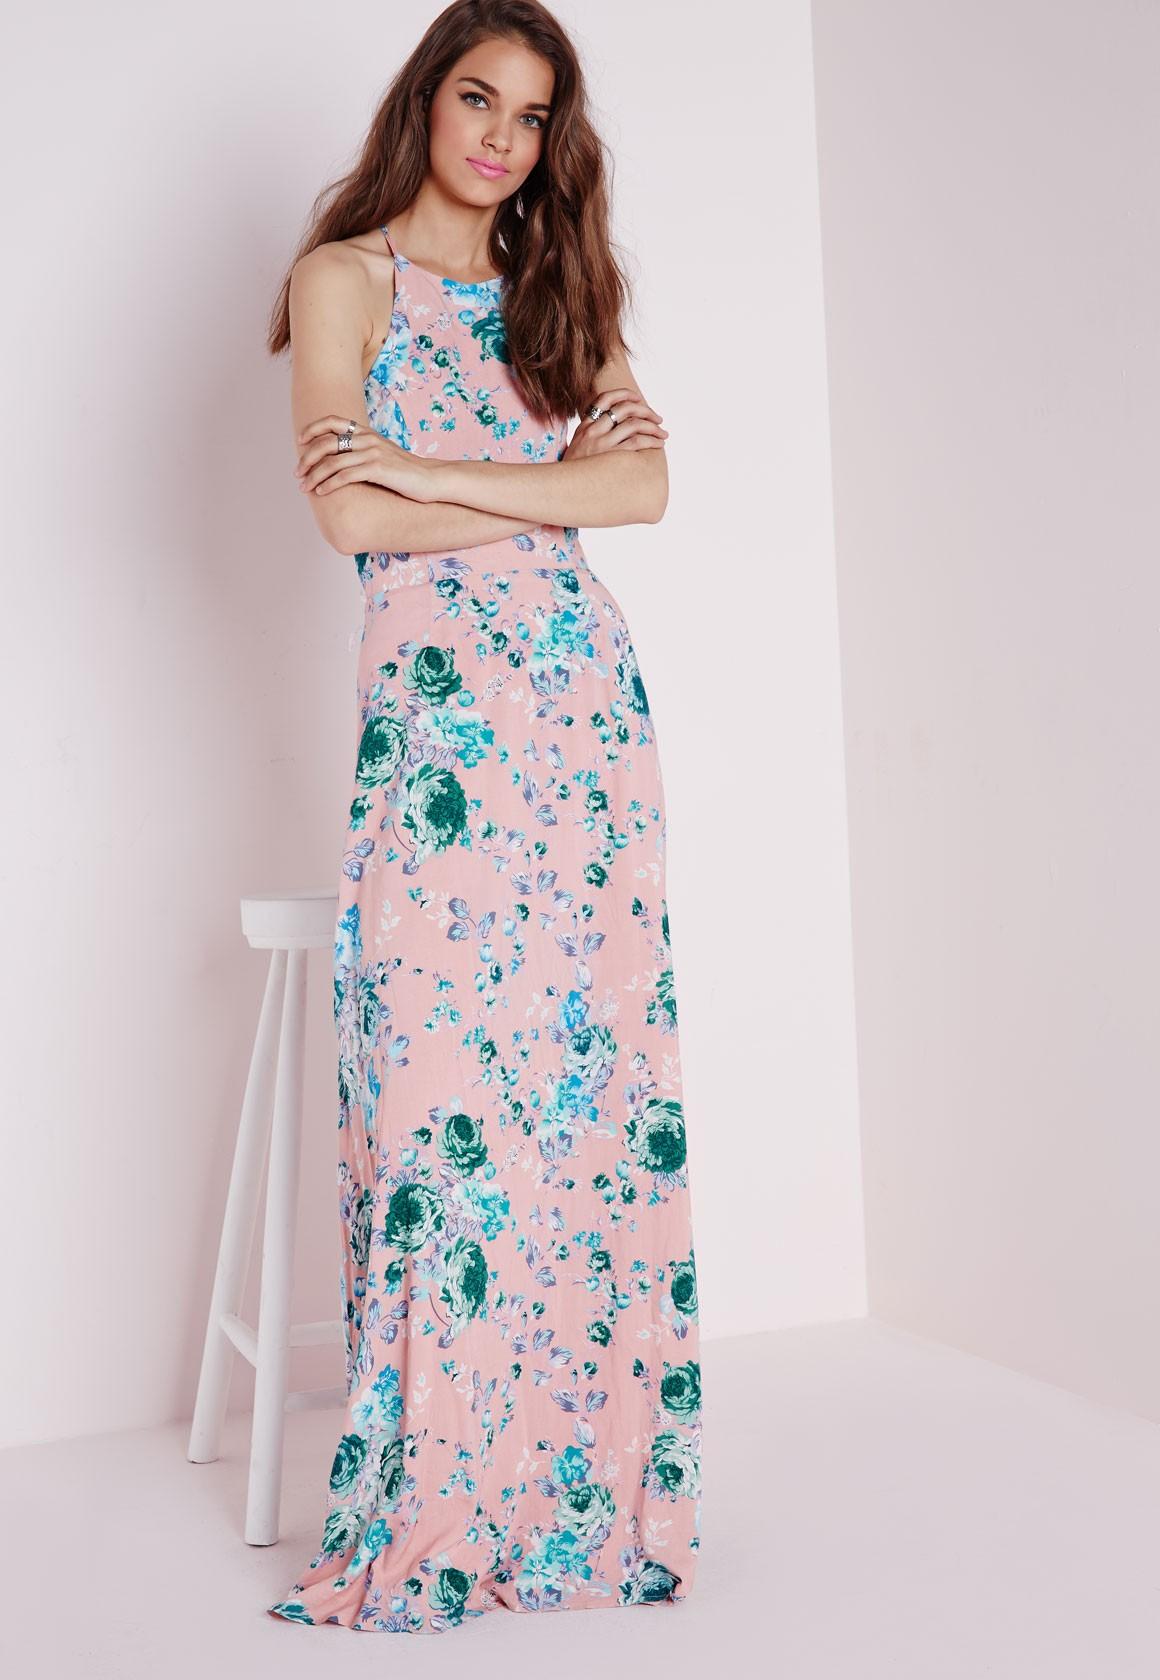 La robe longue : le choix de l'élégance